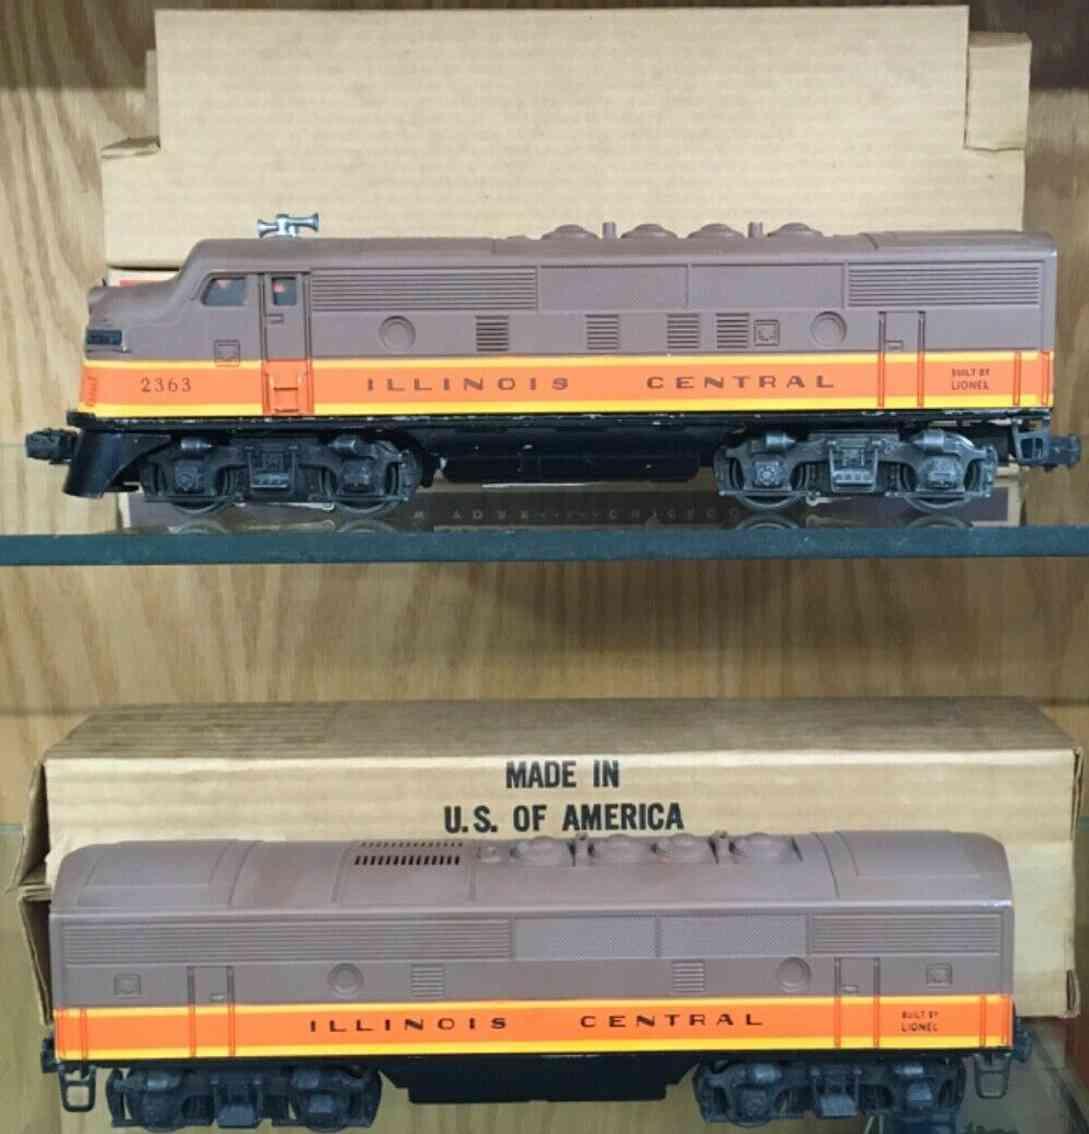 lionel 2363 railway toy engine diesel locomotive illinois central brown gauge 0